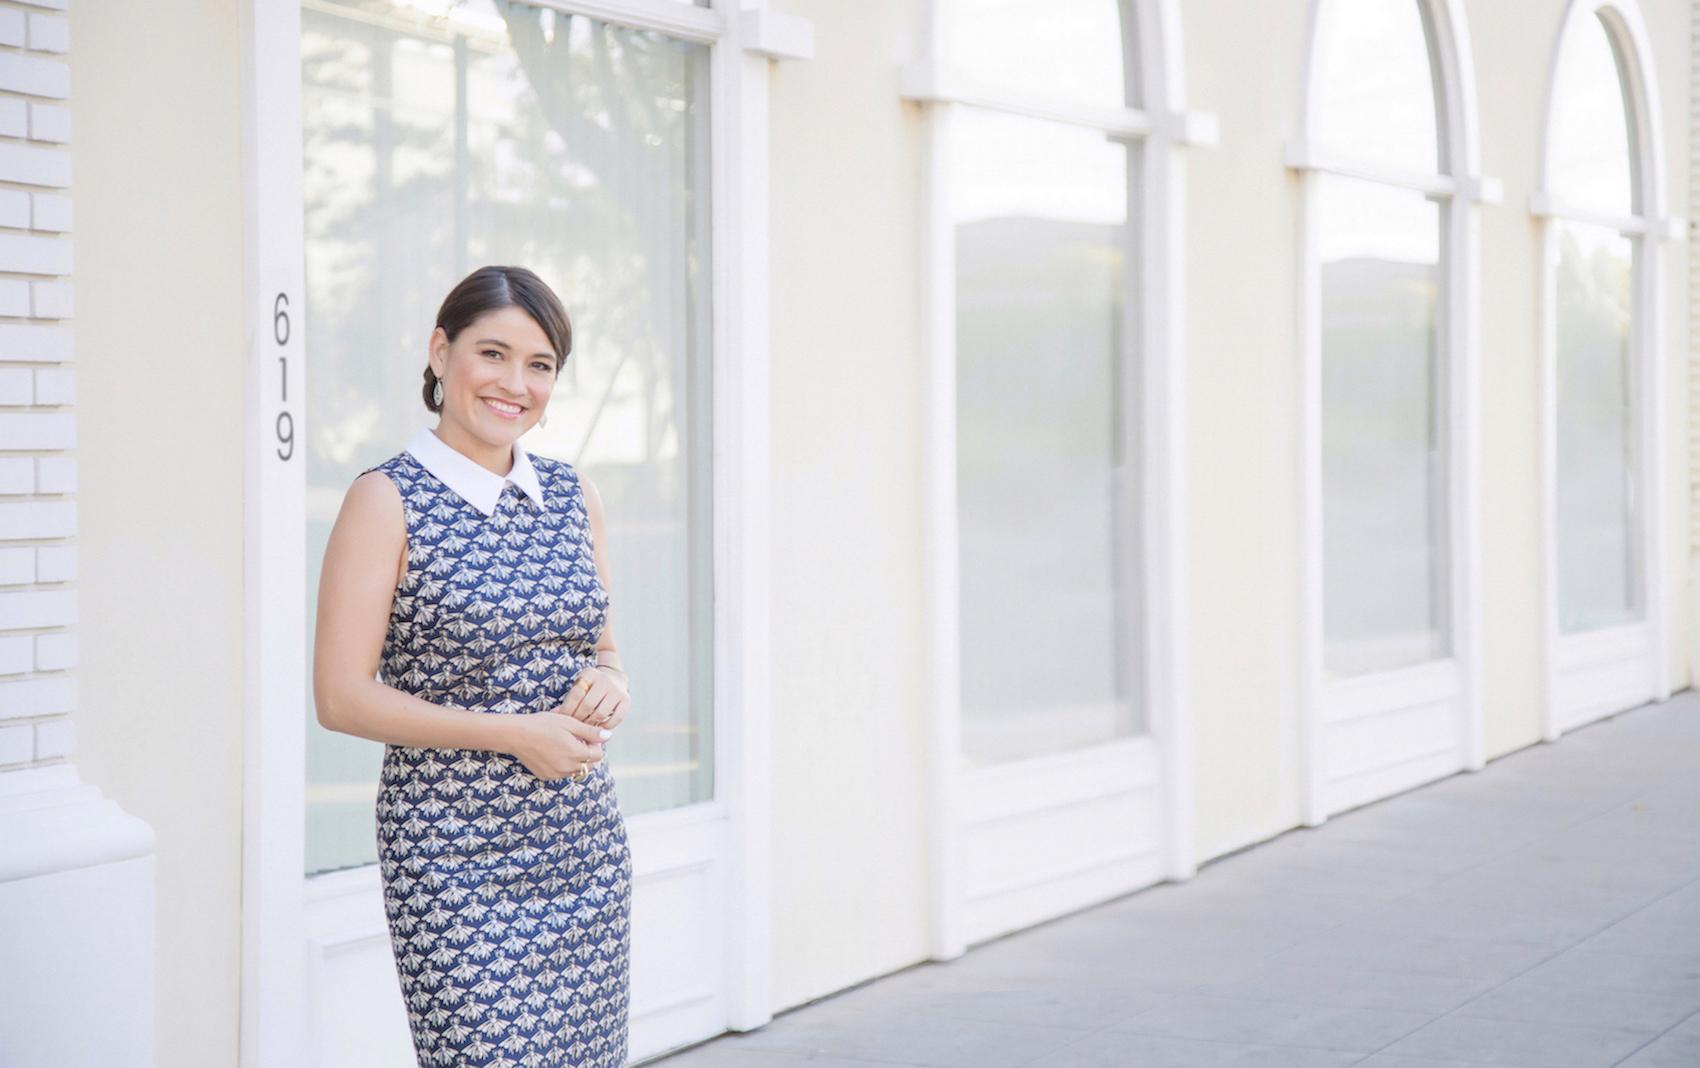 personal stylist san diego